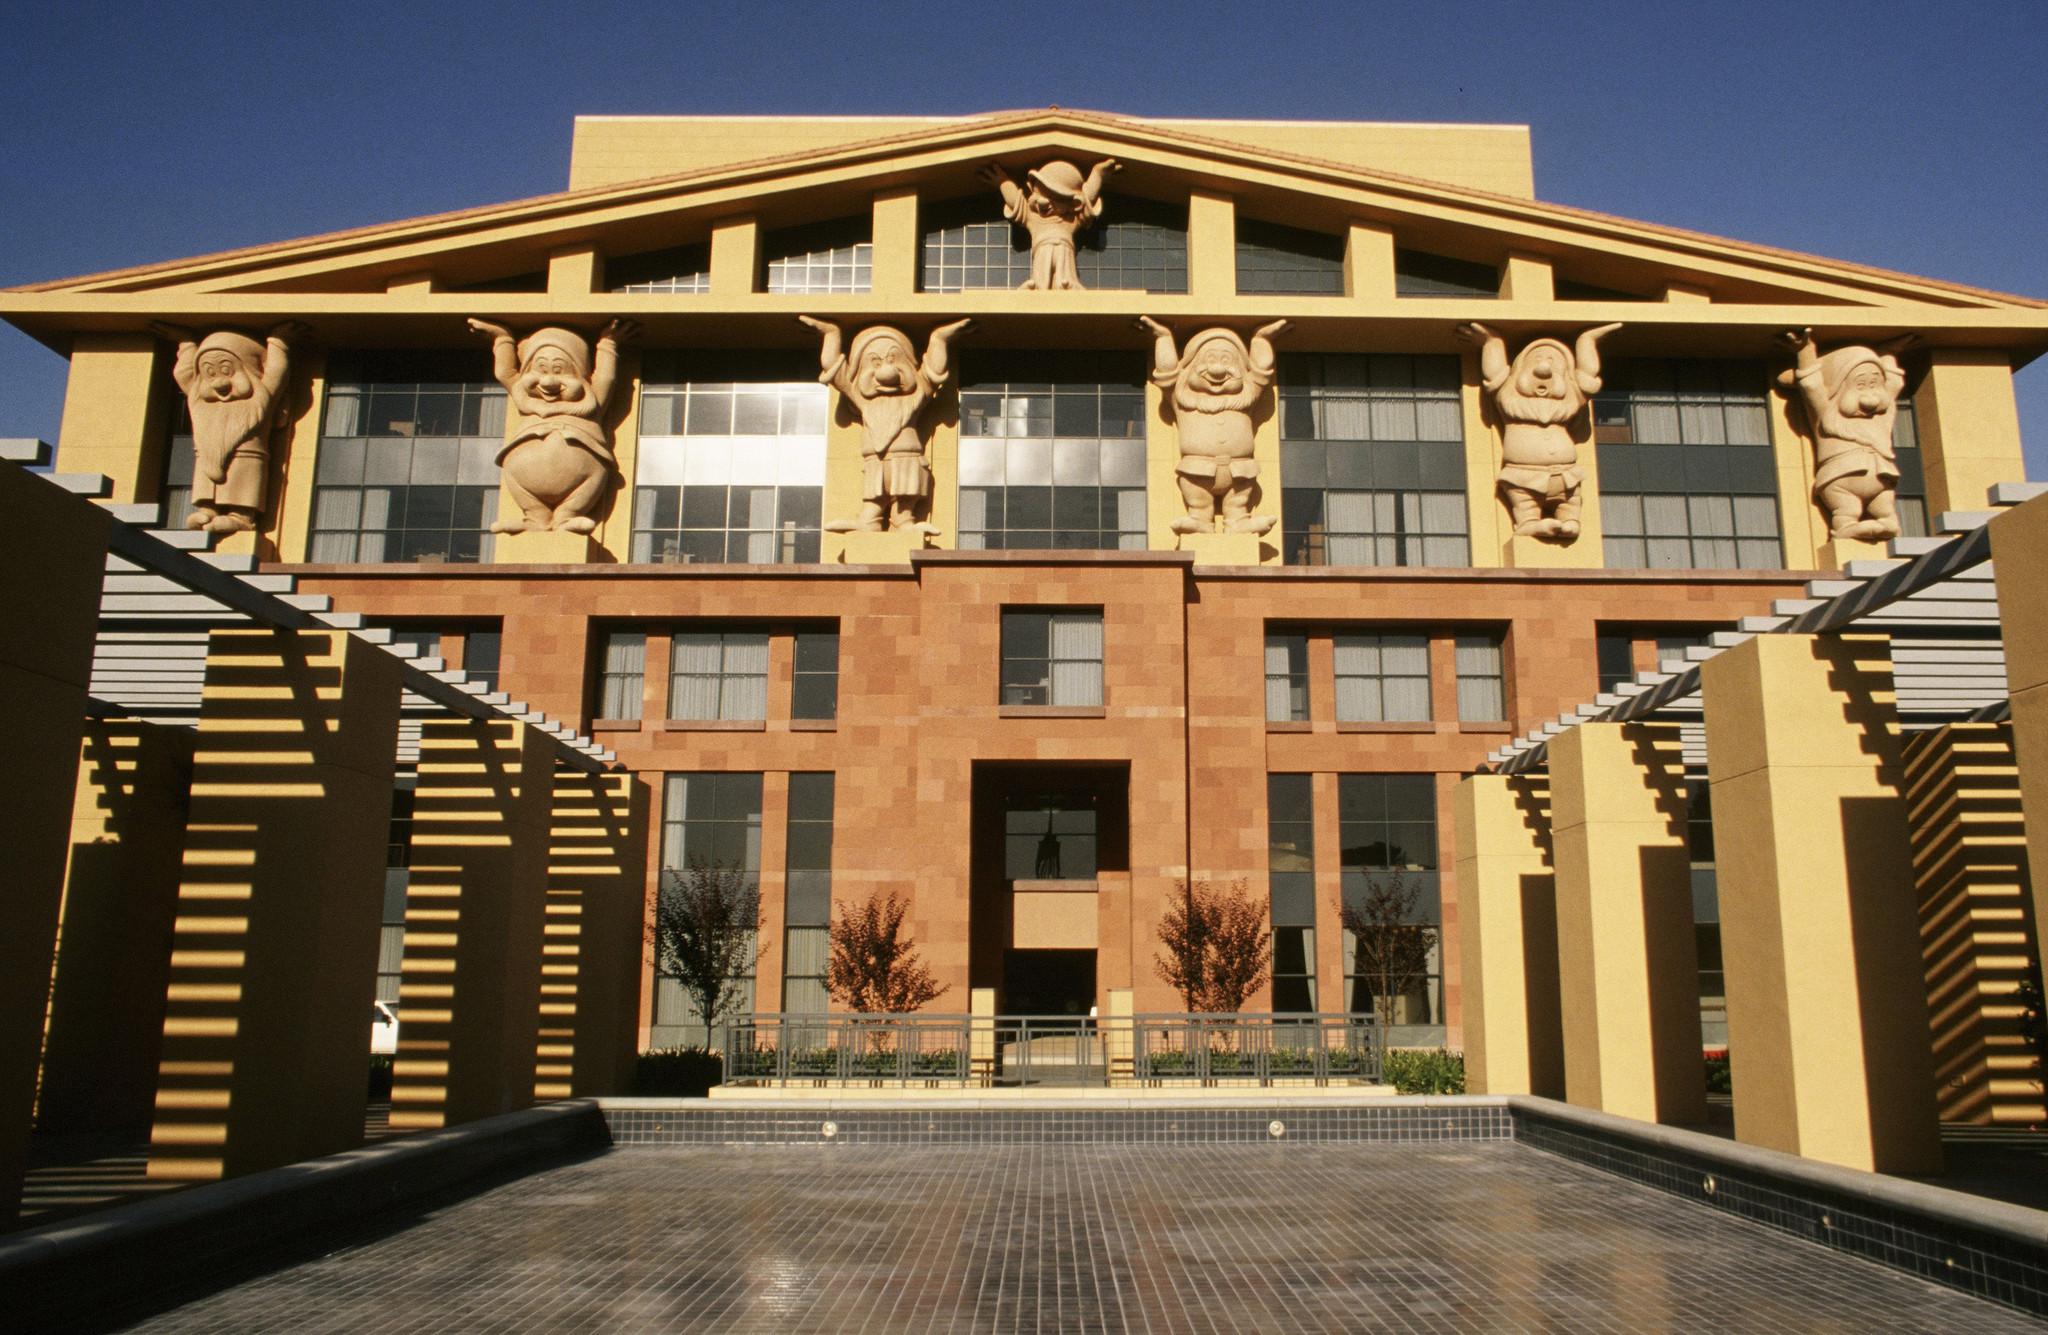 Postmodern Architecture michael graves dies at 80; pioneering figure in postmodern